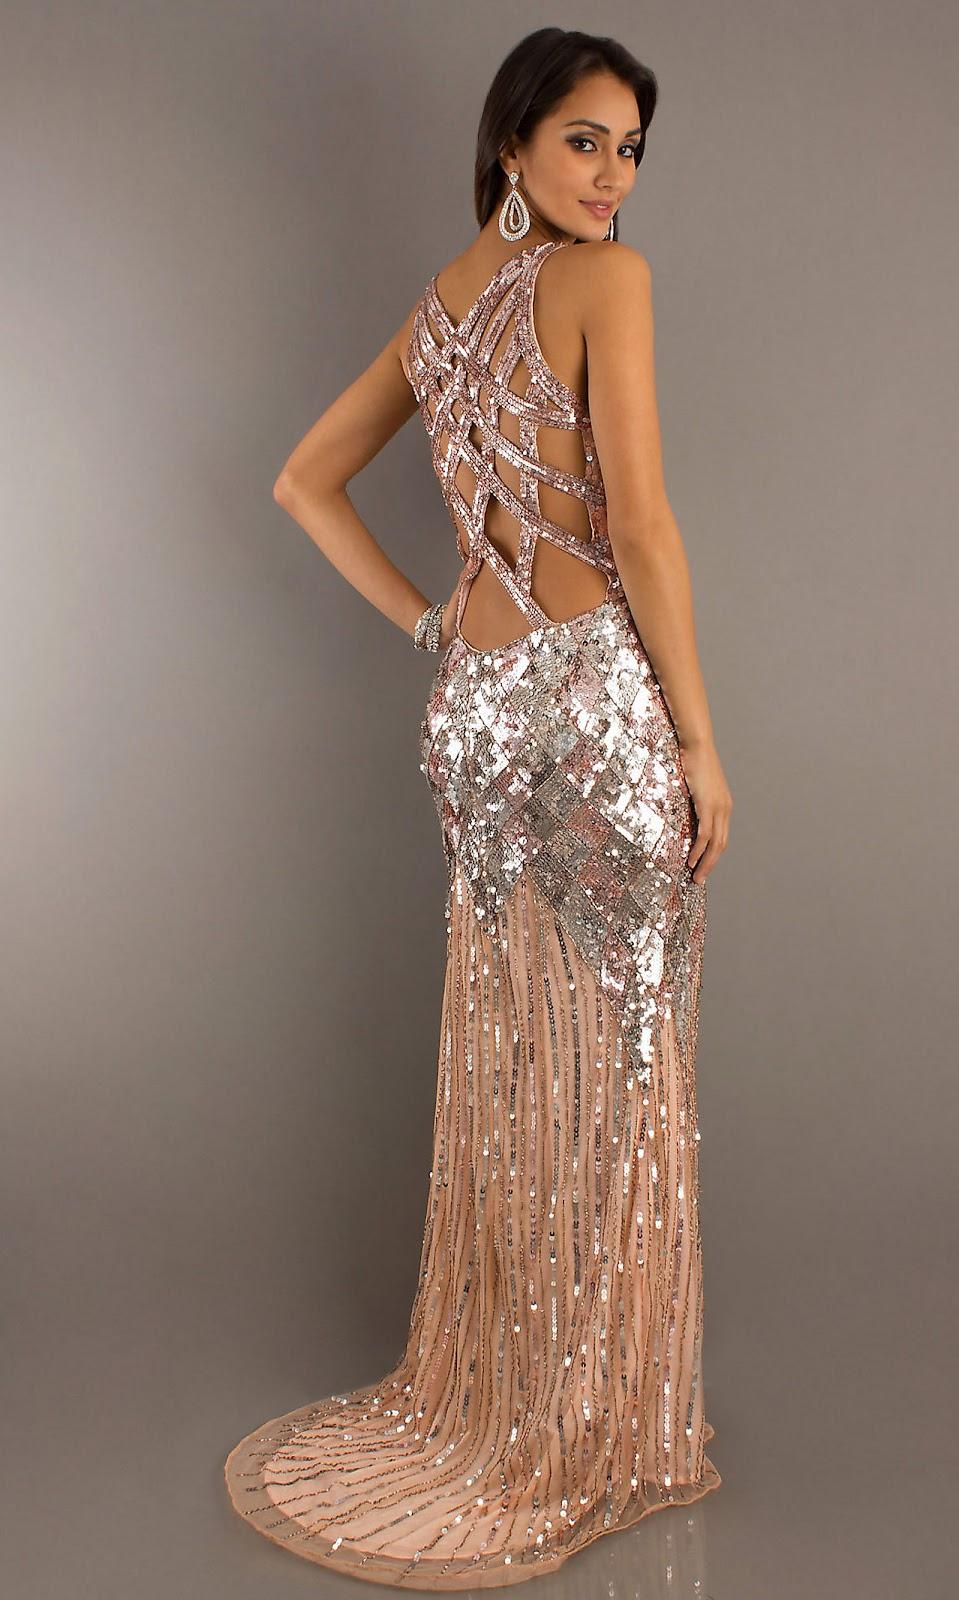 Золотистое длинное платье с открытой спиной - фото новинки сезона